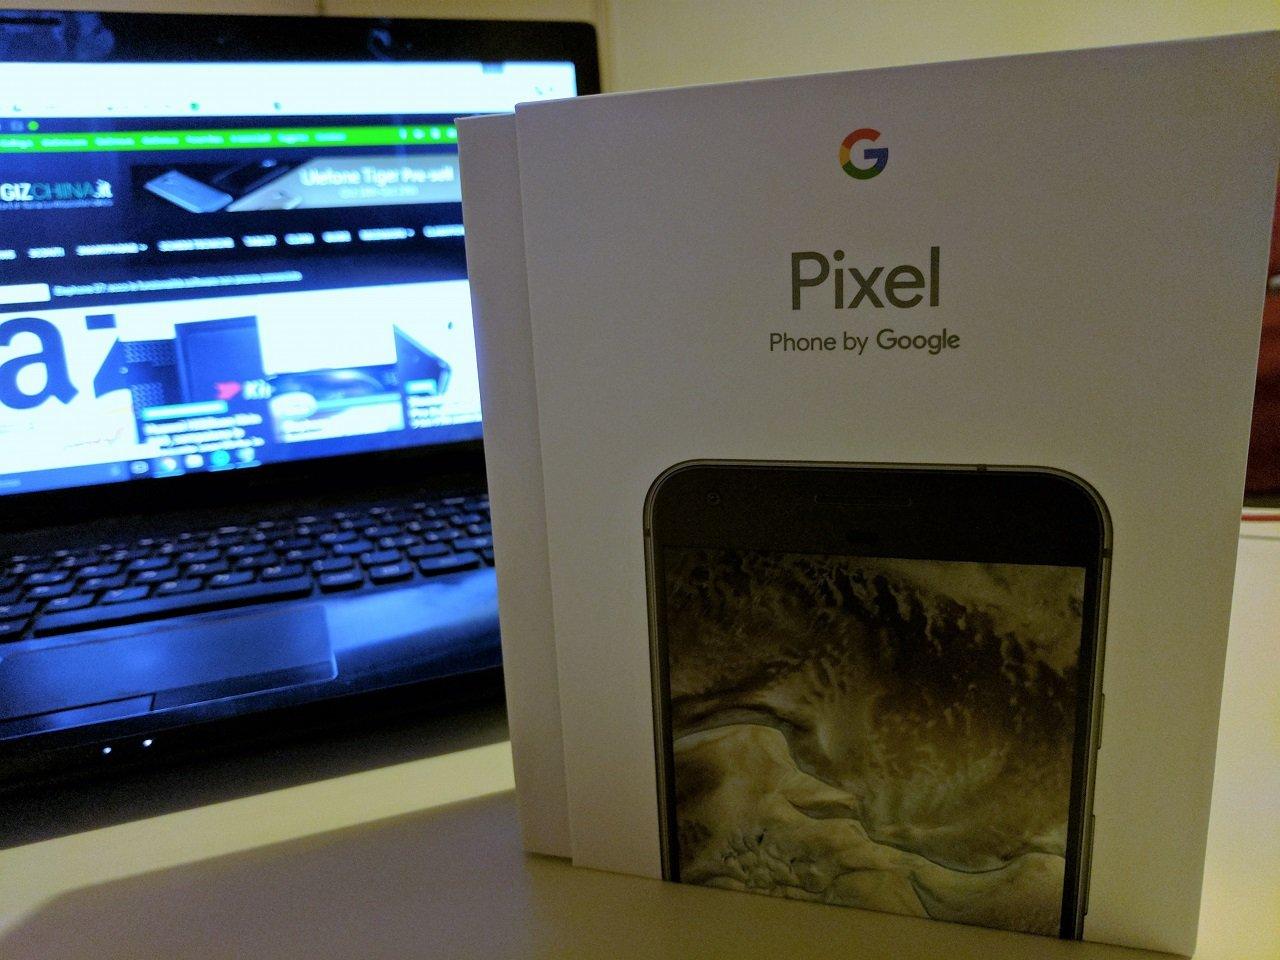 Google Pixe